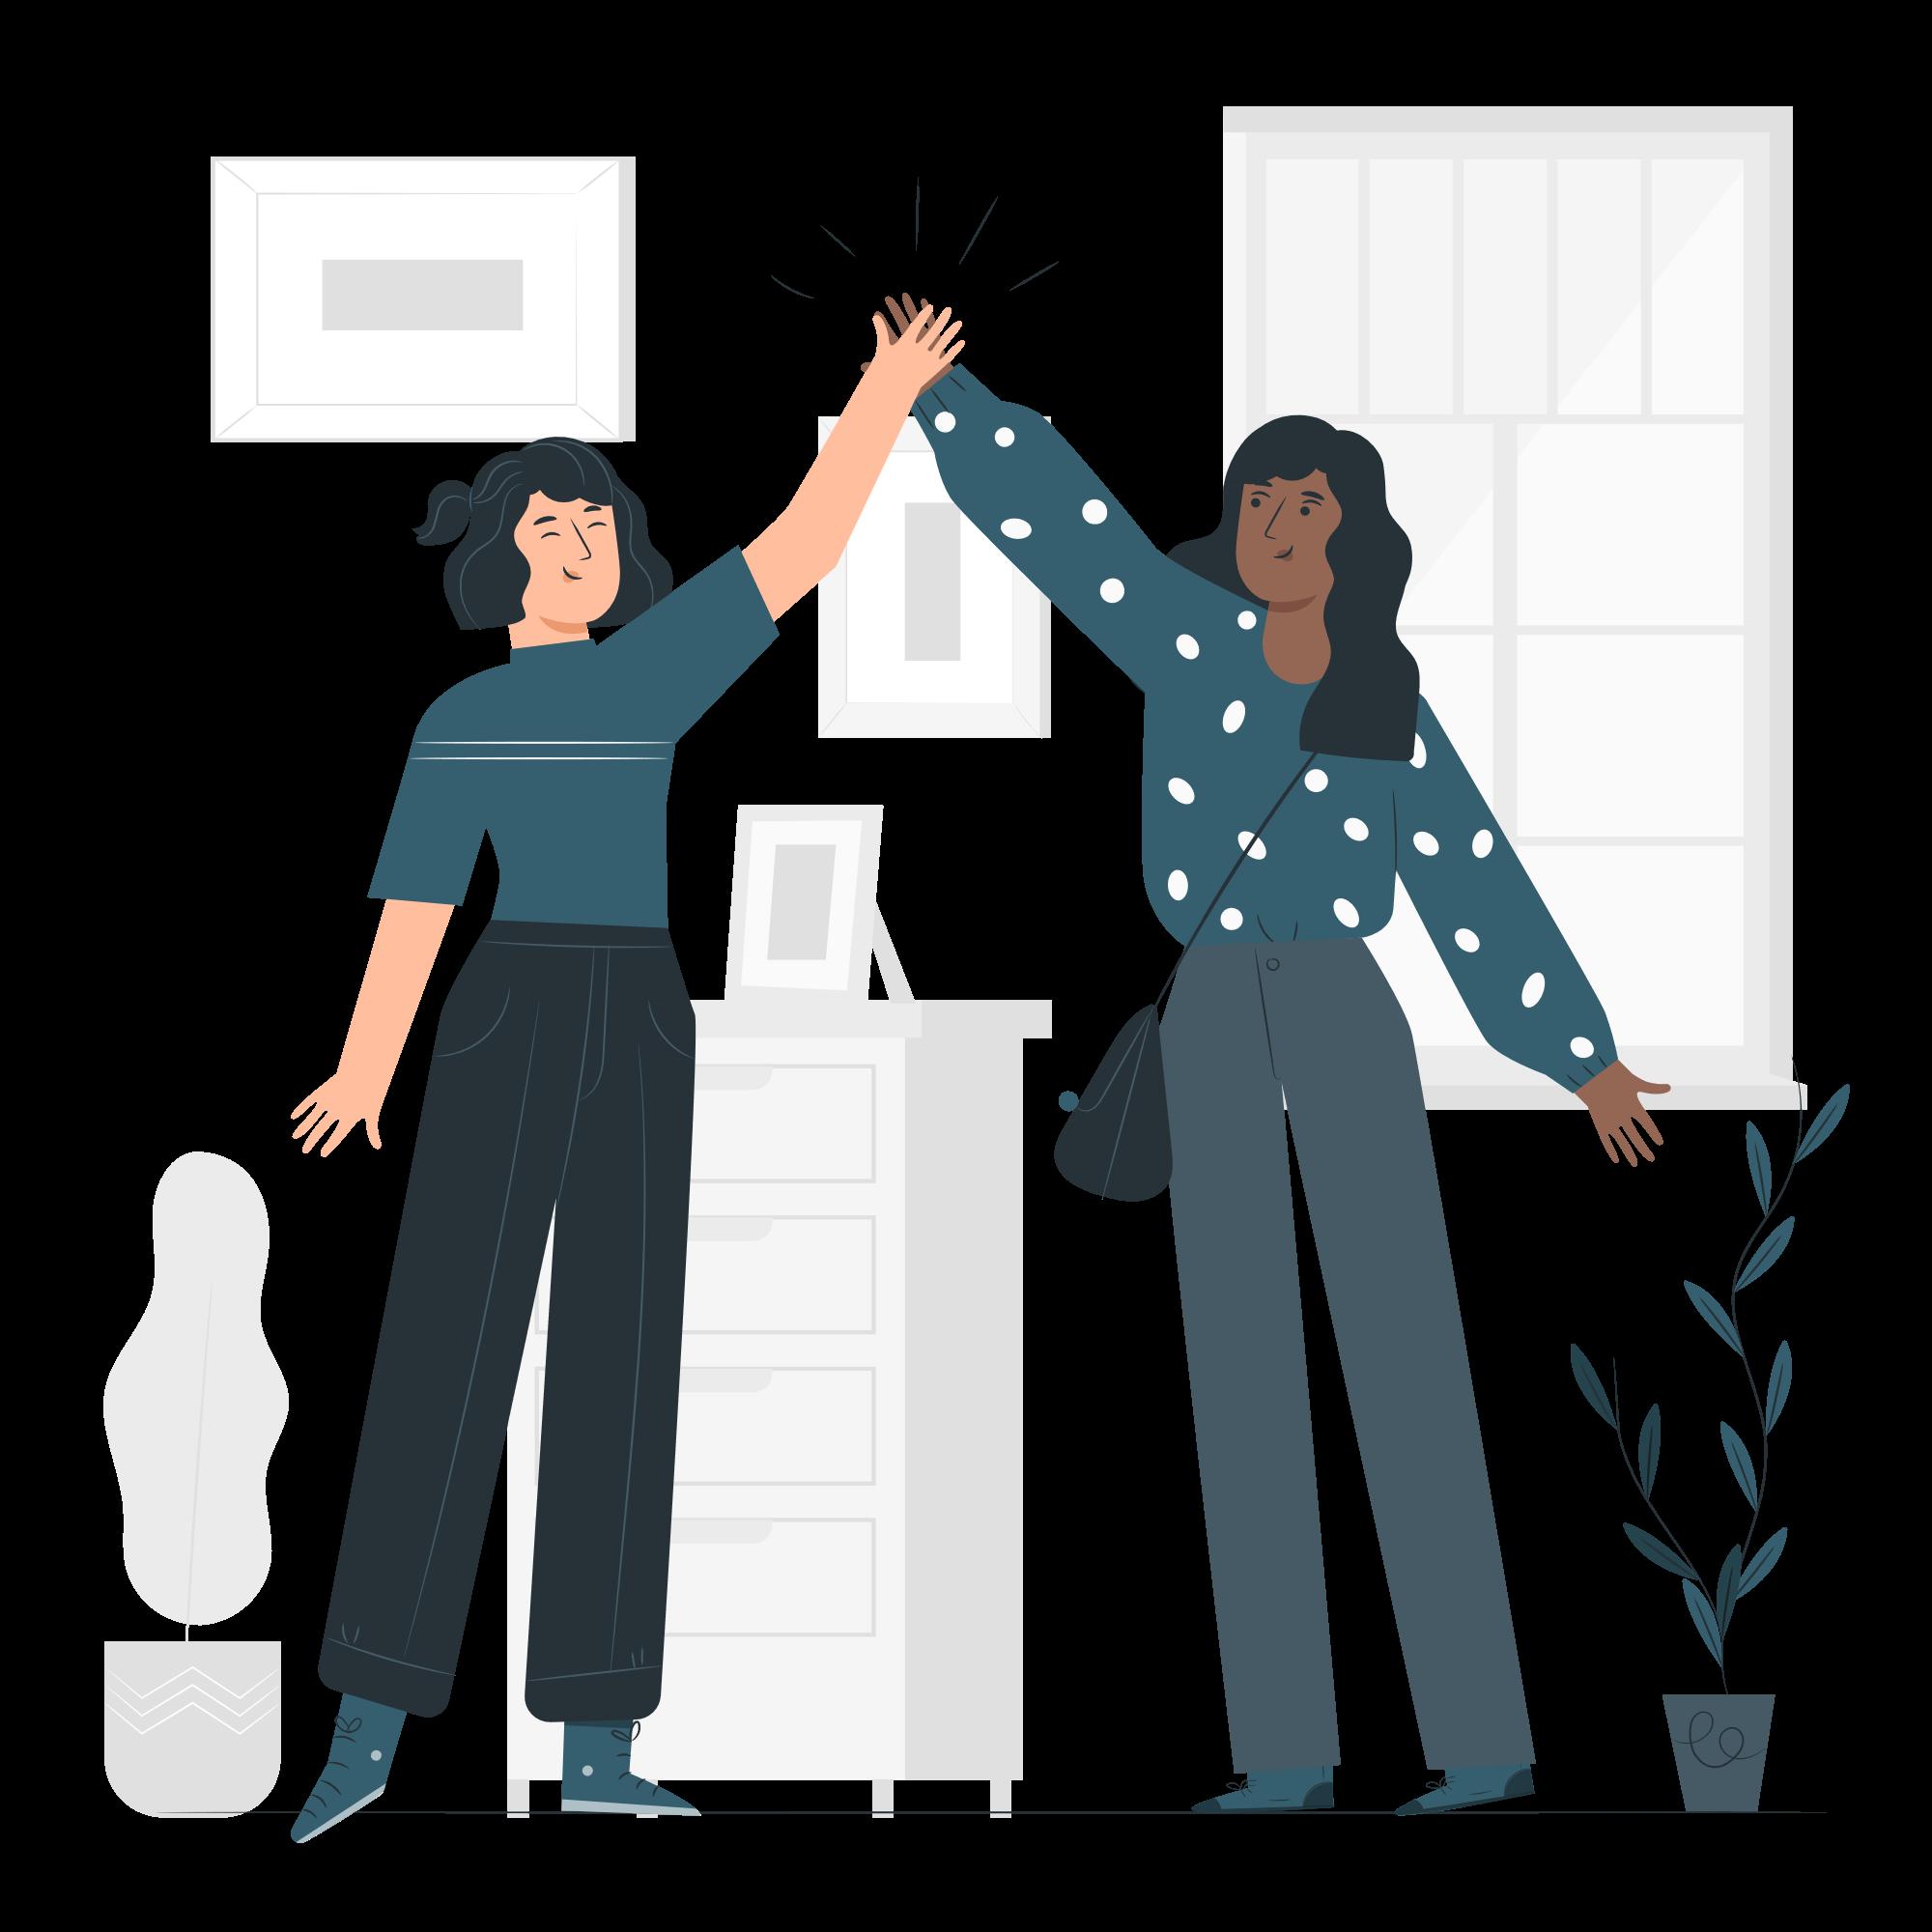 Deux femmes en train de se taper dans la main